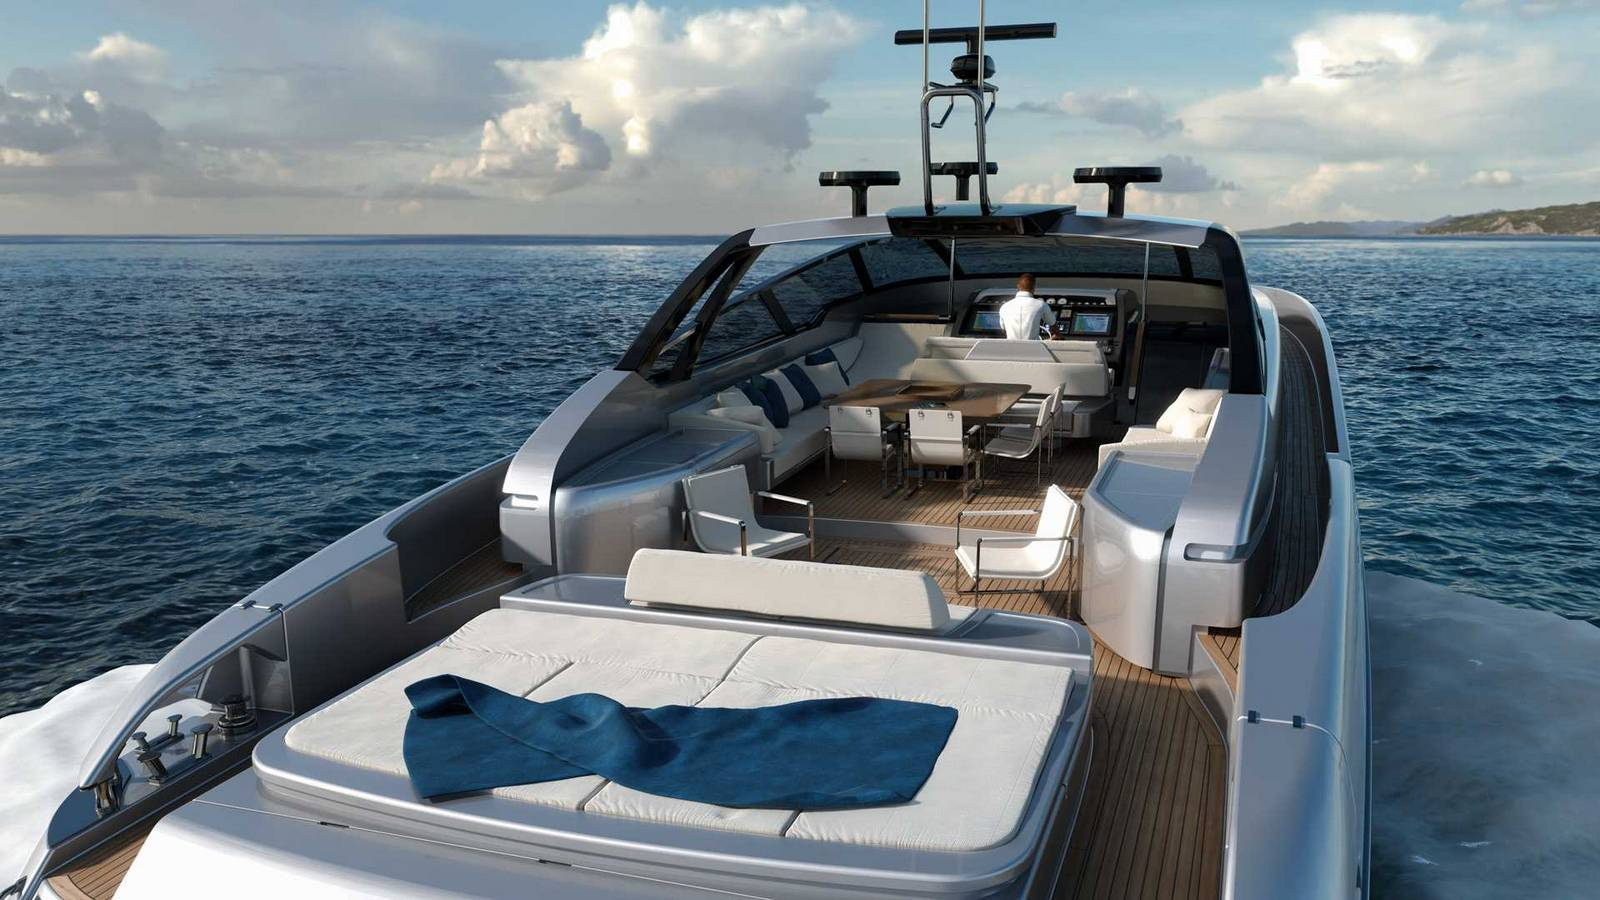 Yachtfinanzierung Rechner